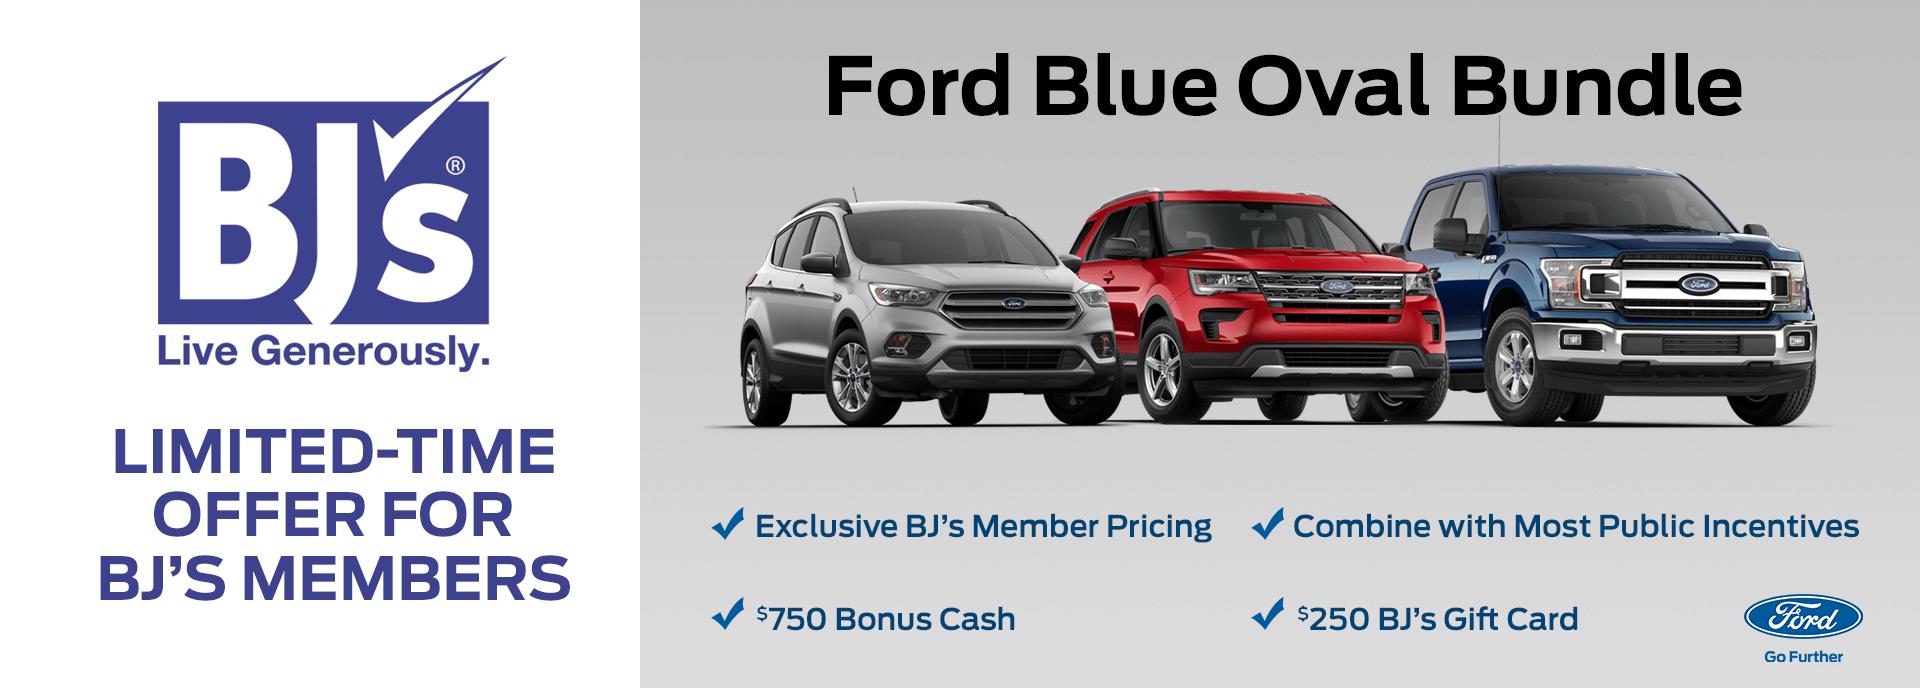 Ford Blue Oval Bundle